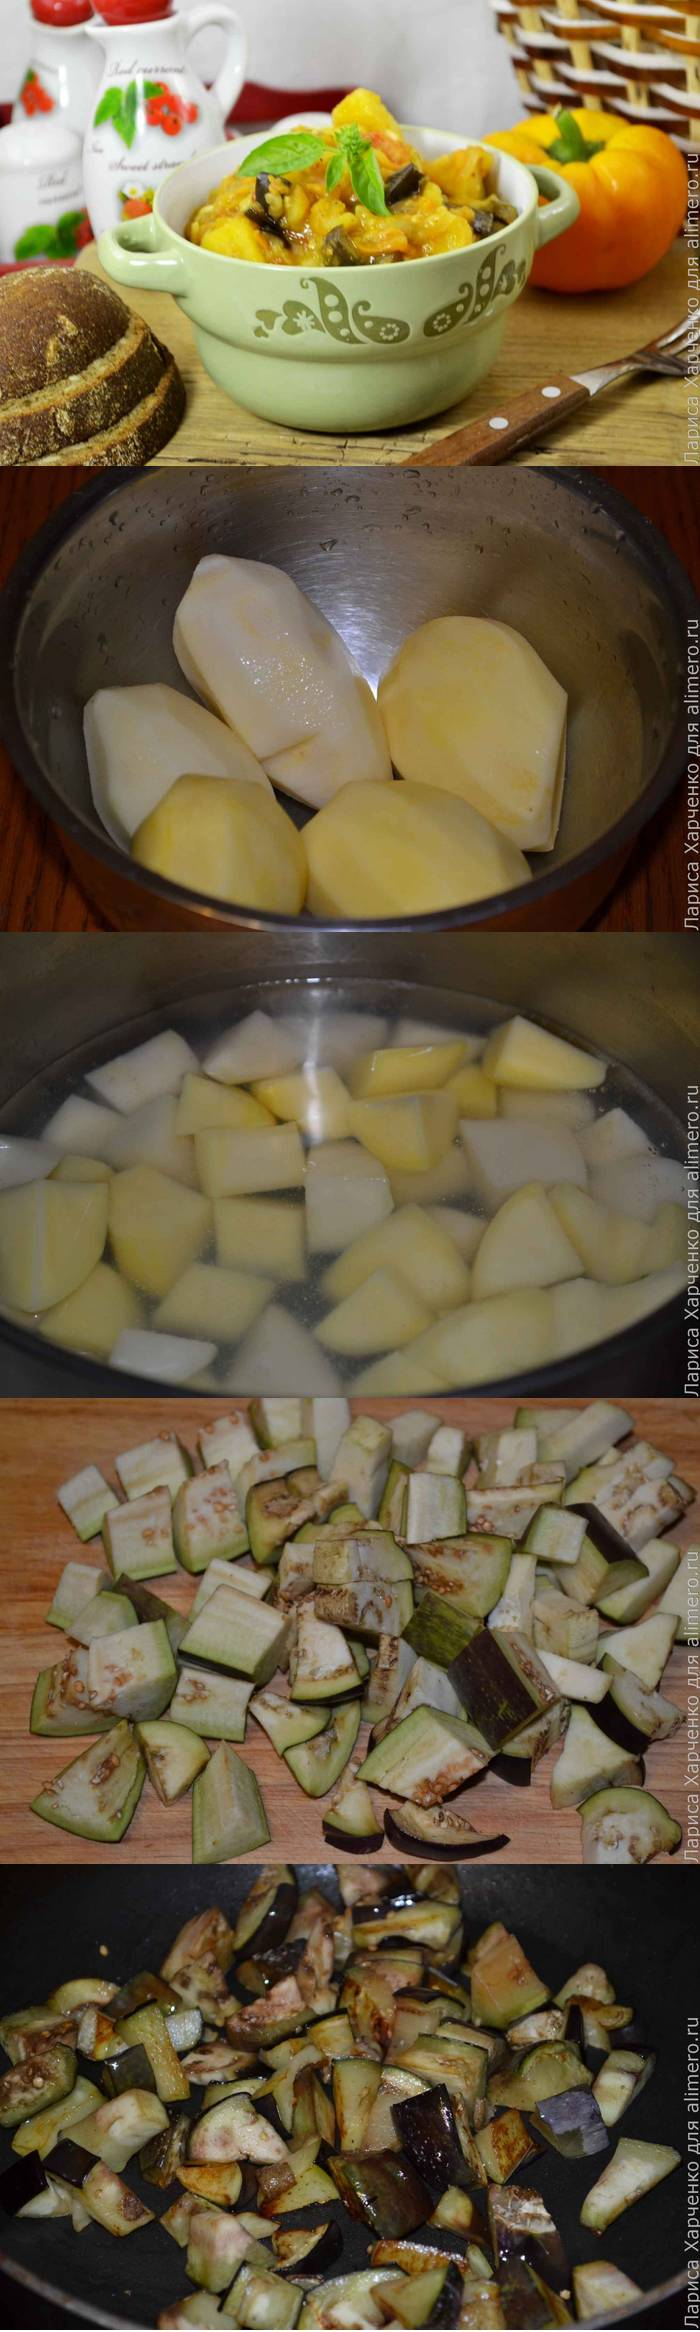 Вкусная картошка с сезонными овощами